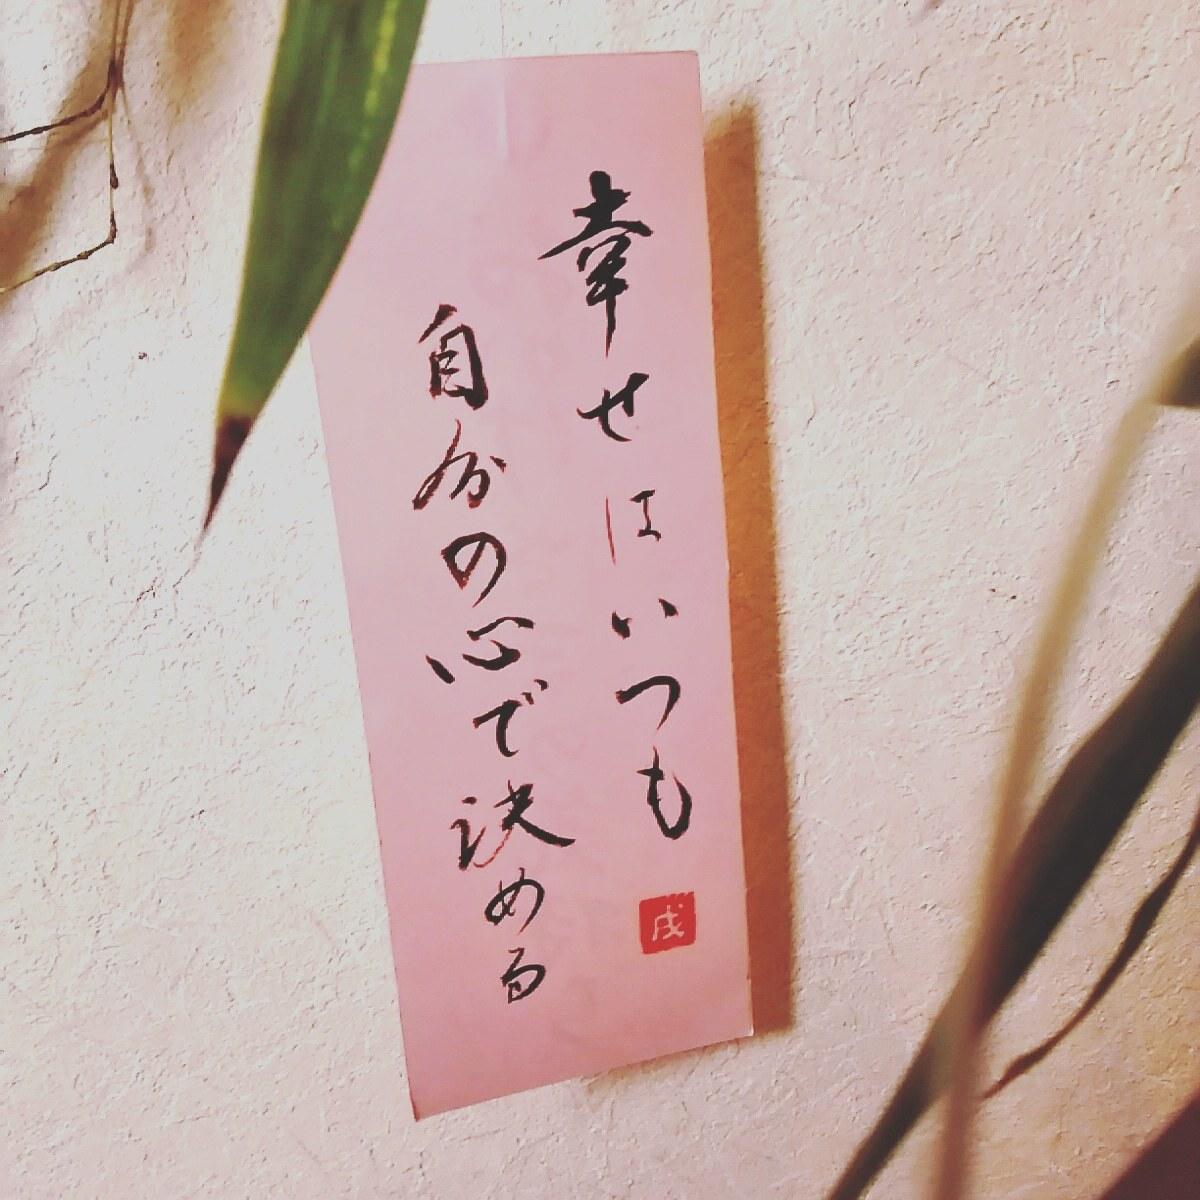 久しぶりの日本料理_a0390917_23034875.jpg